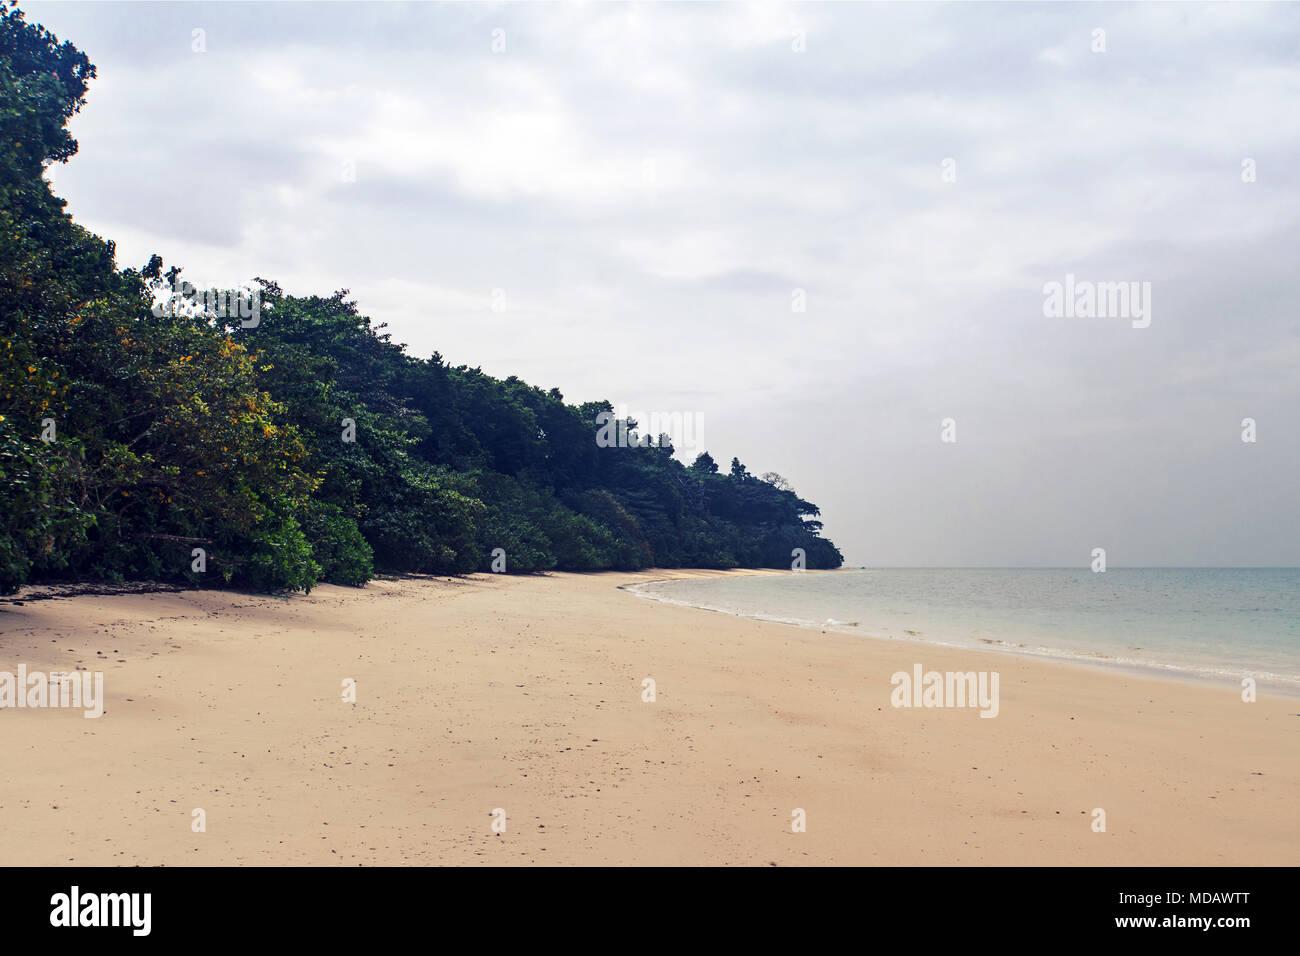 Havelock Island es un pintoresco paraíso natural con hermosas playas de arena. Es una de las islas pobladas en el Andaman Grupos. Foto de stock